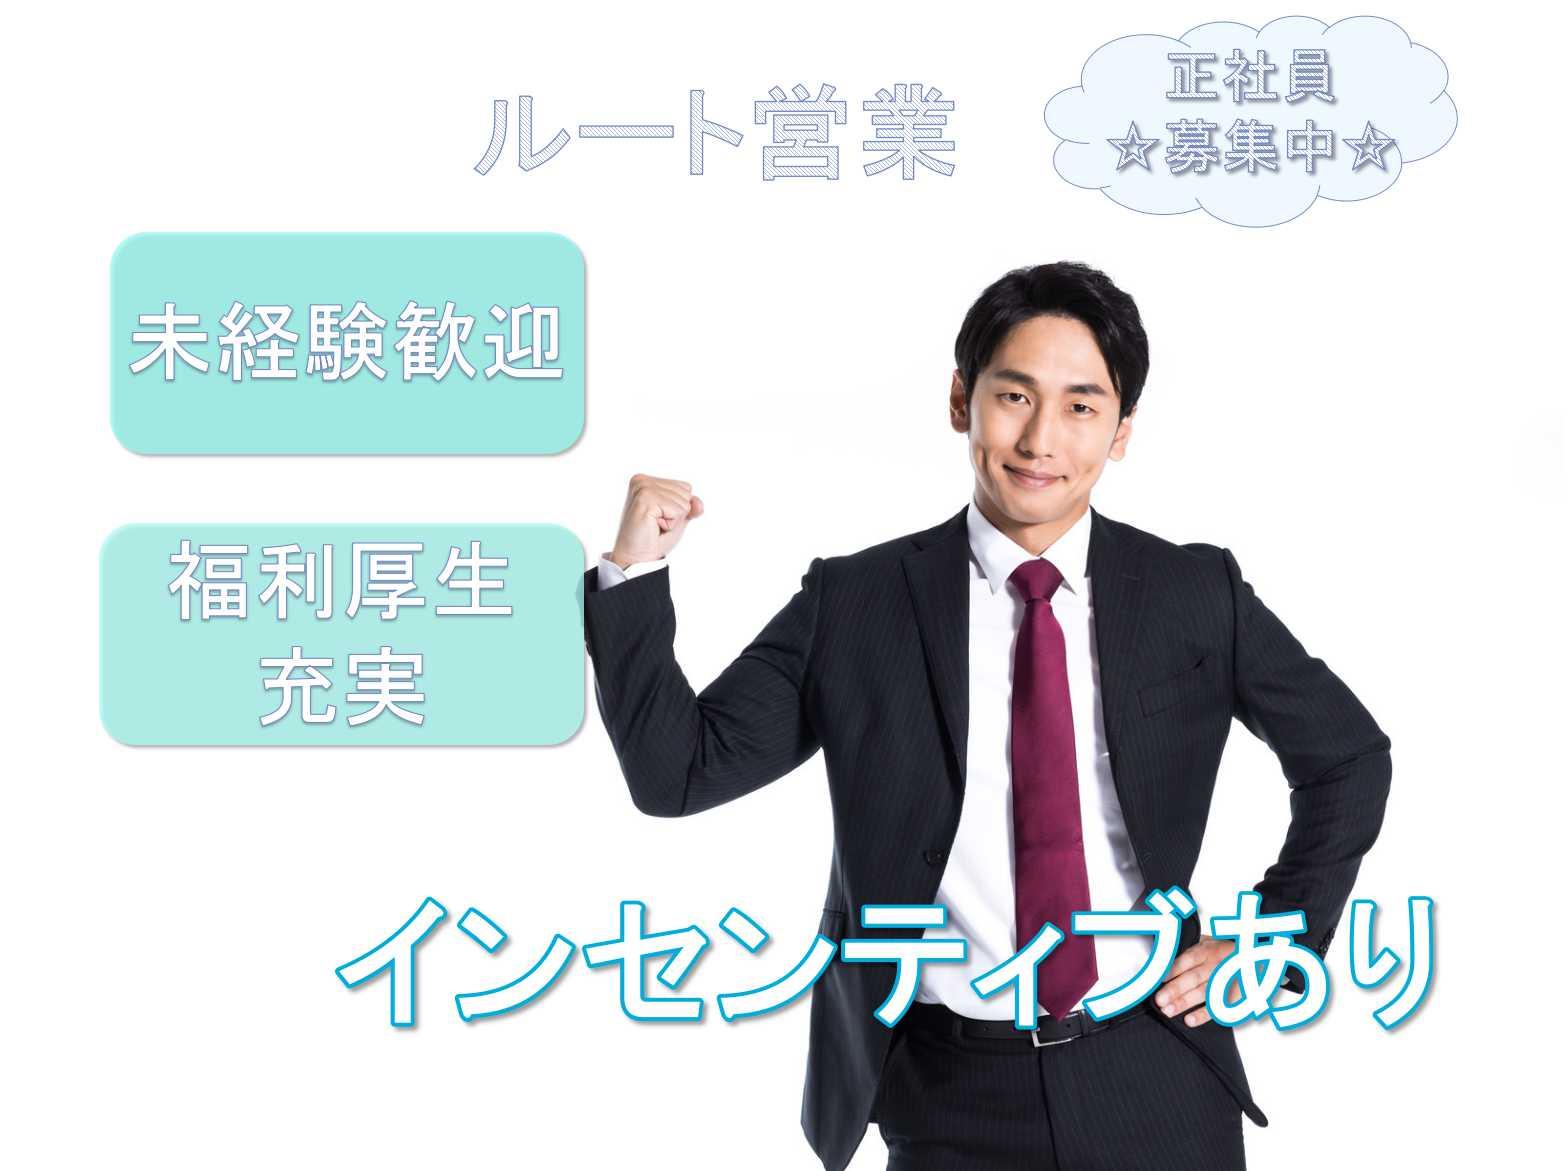 【名古屋市緑区】◆未経験歓迎◆インセンティブあり◆ルート営業◆正社員募集中◆ イメージ